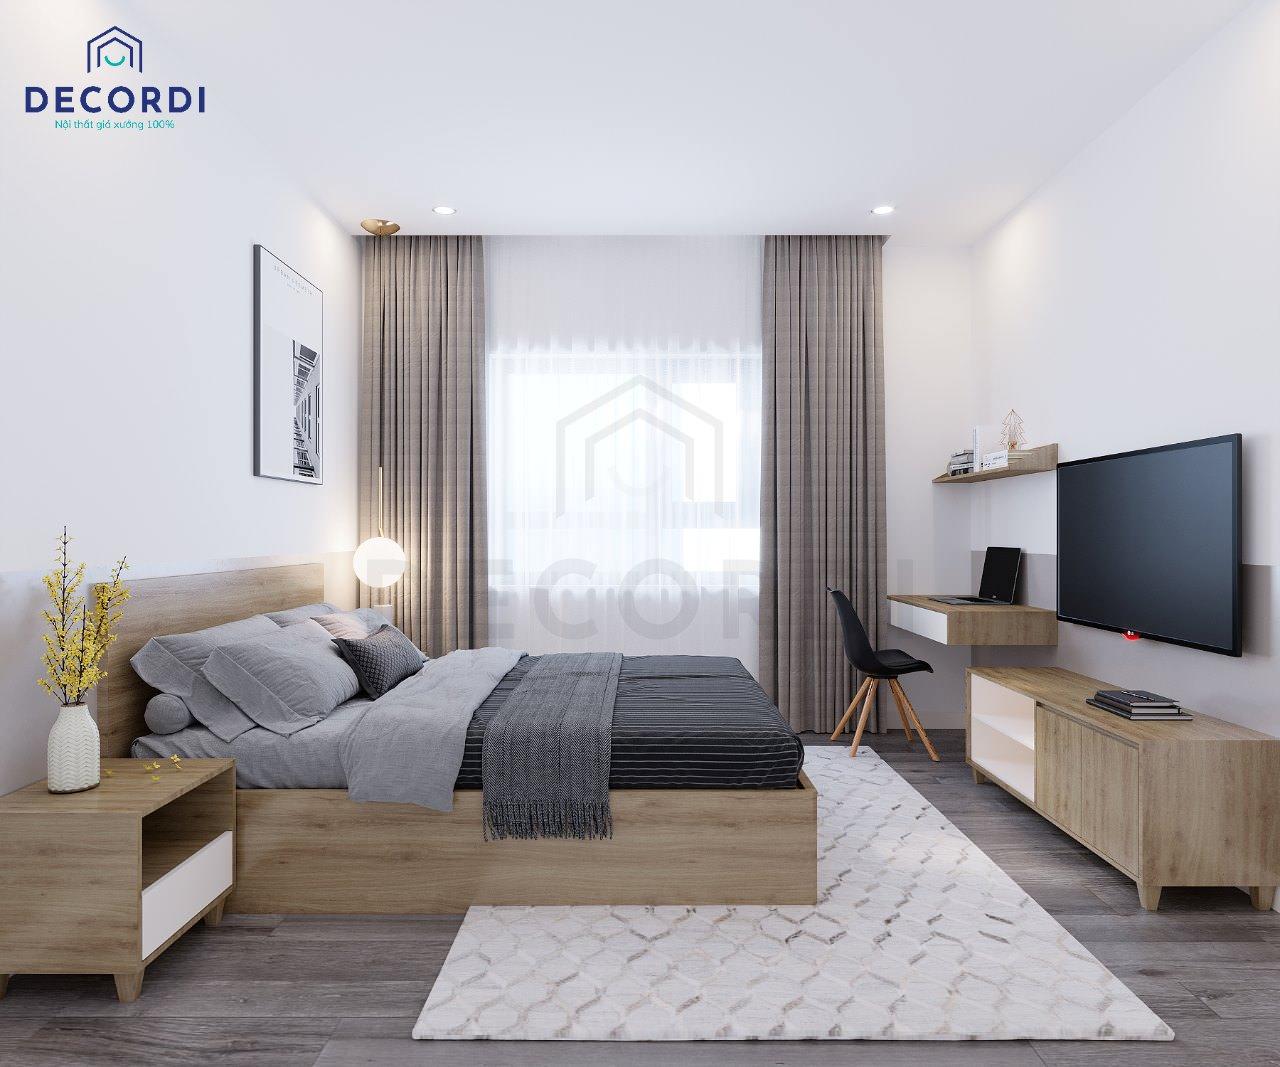 thiết kế nội thất phòng ngủ master đơn giản màu trắng nâu